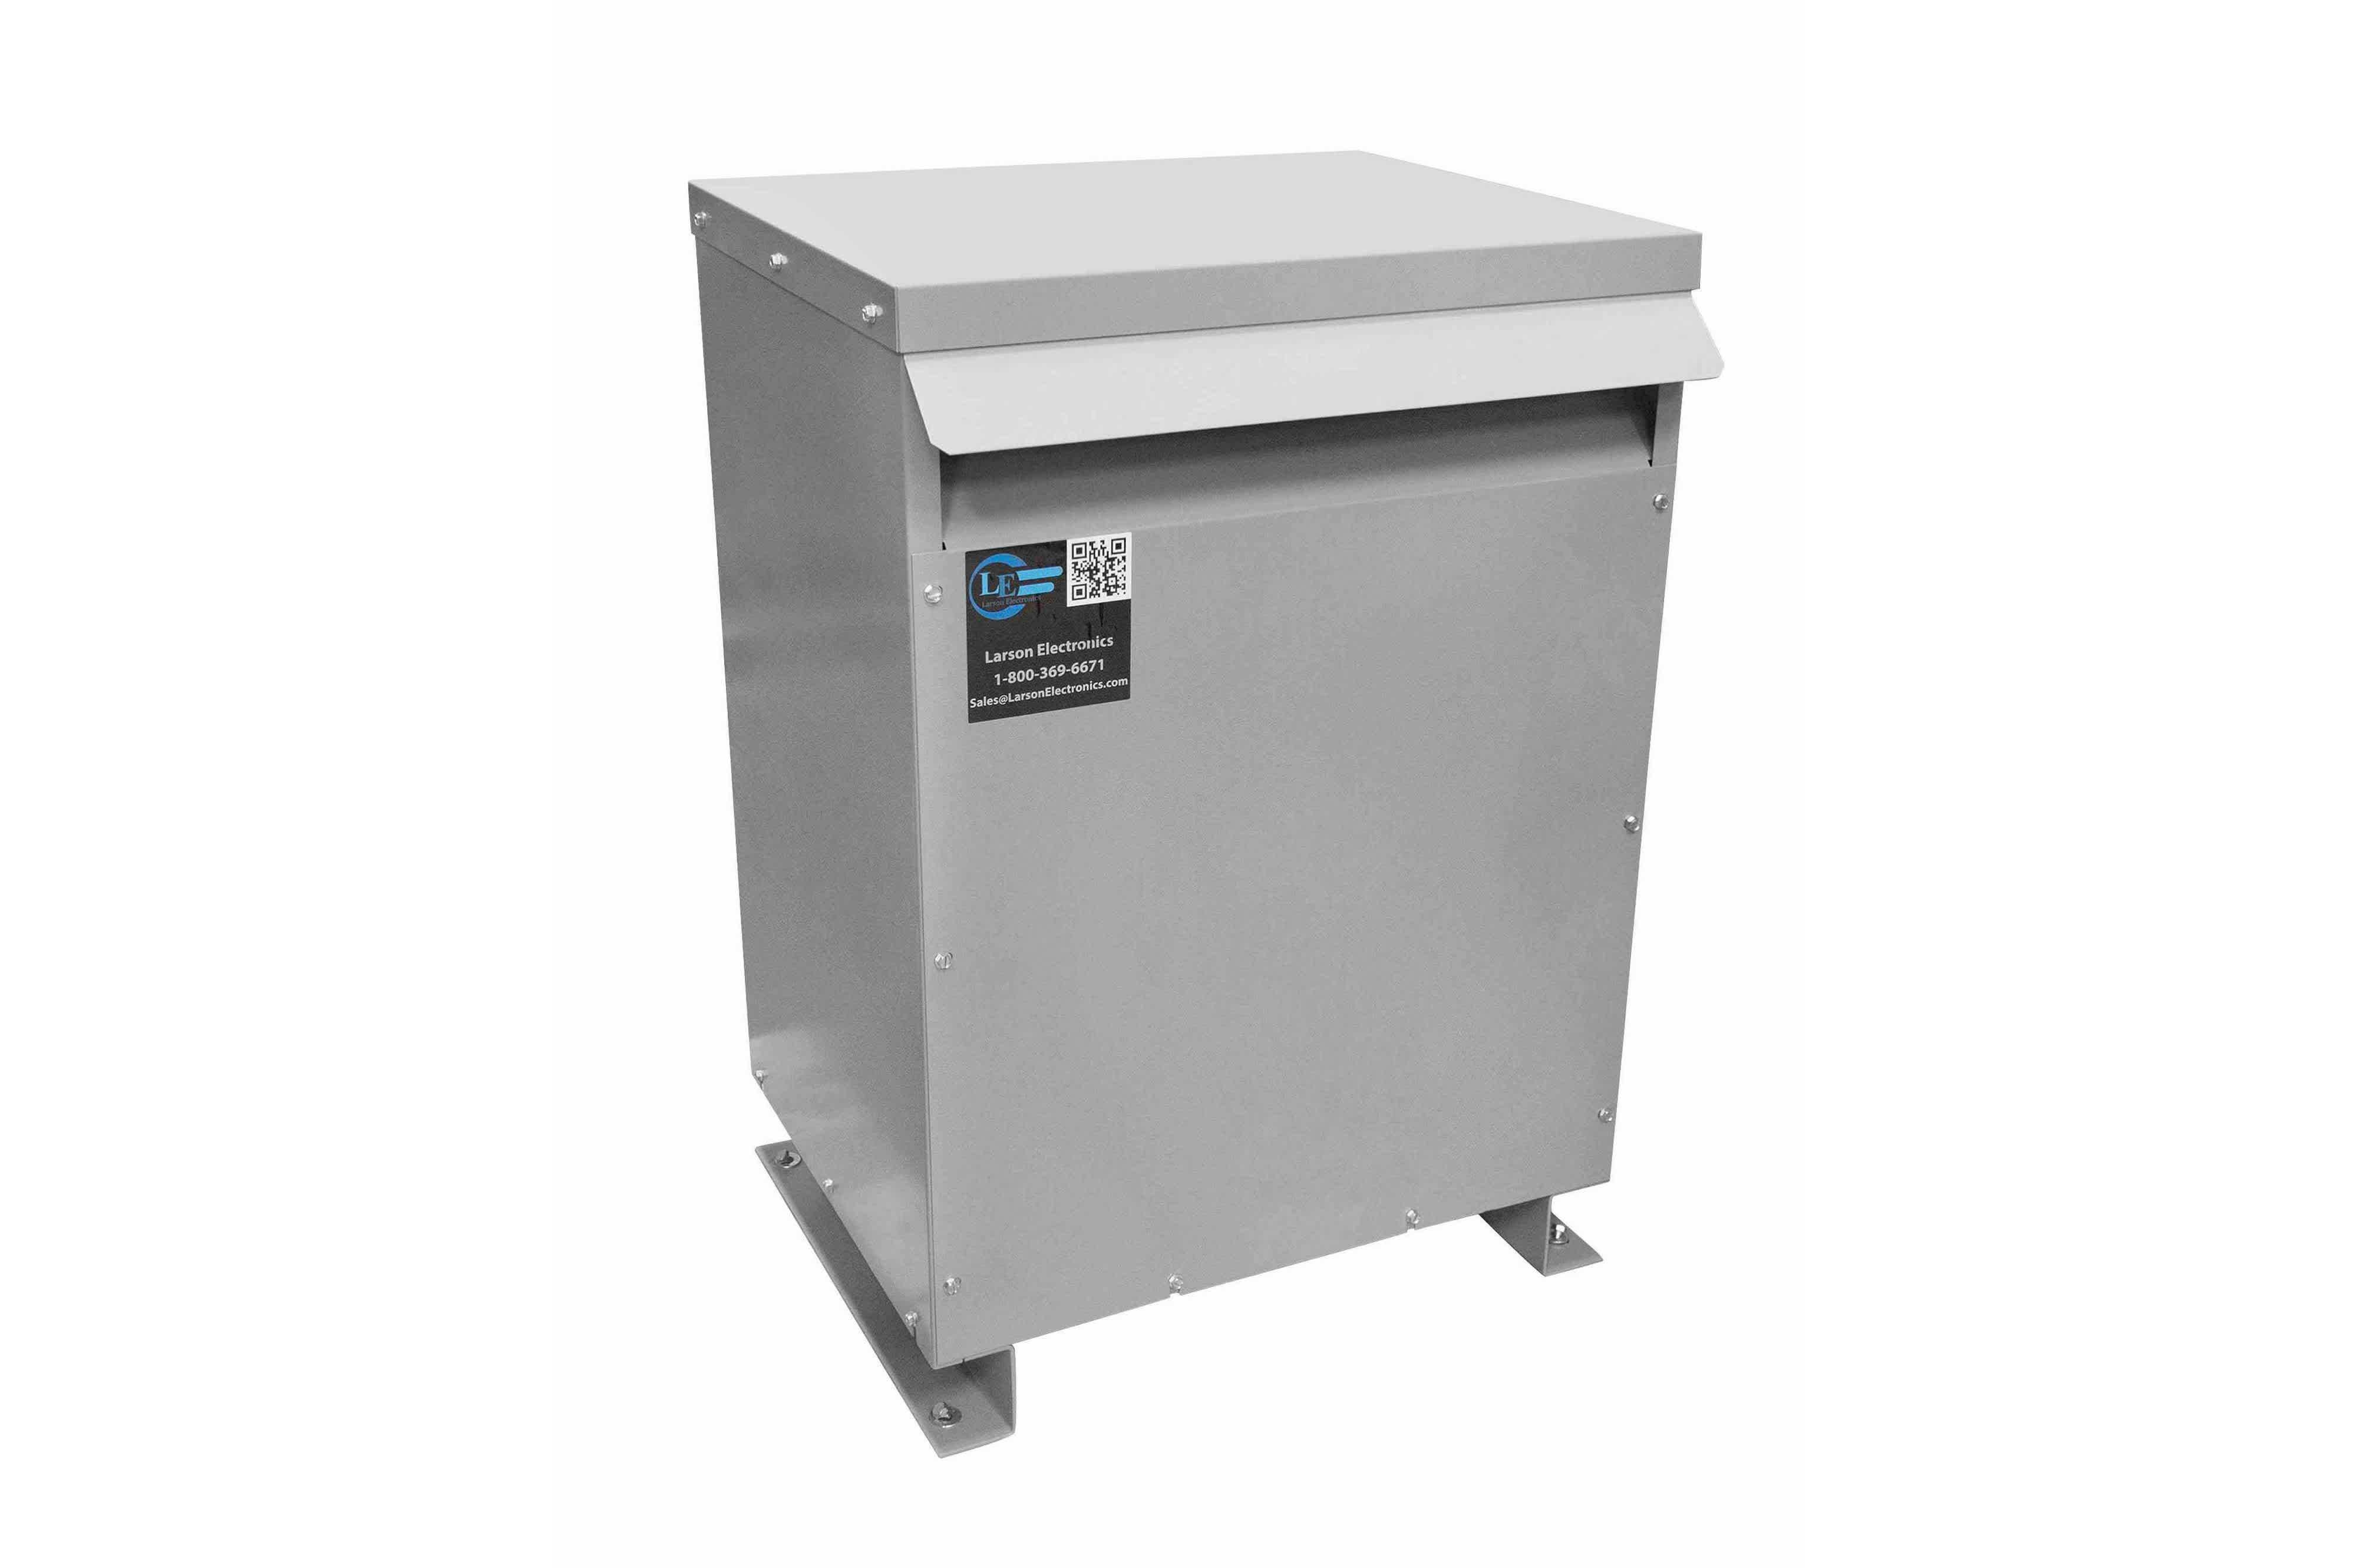 20 kVA 3PH Isolation Transformer, 380V Delta Primary, 240 Delta Secondary, N3R, Ventilated, 60 Hz